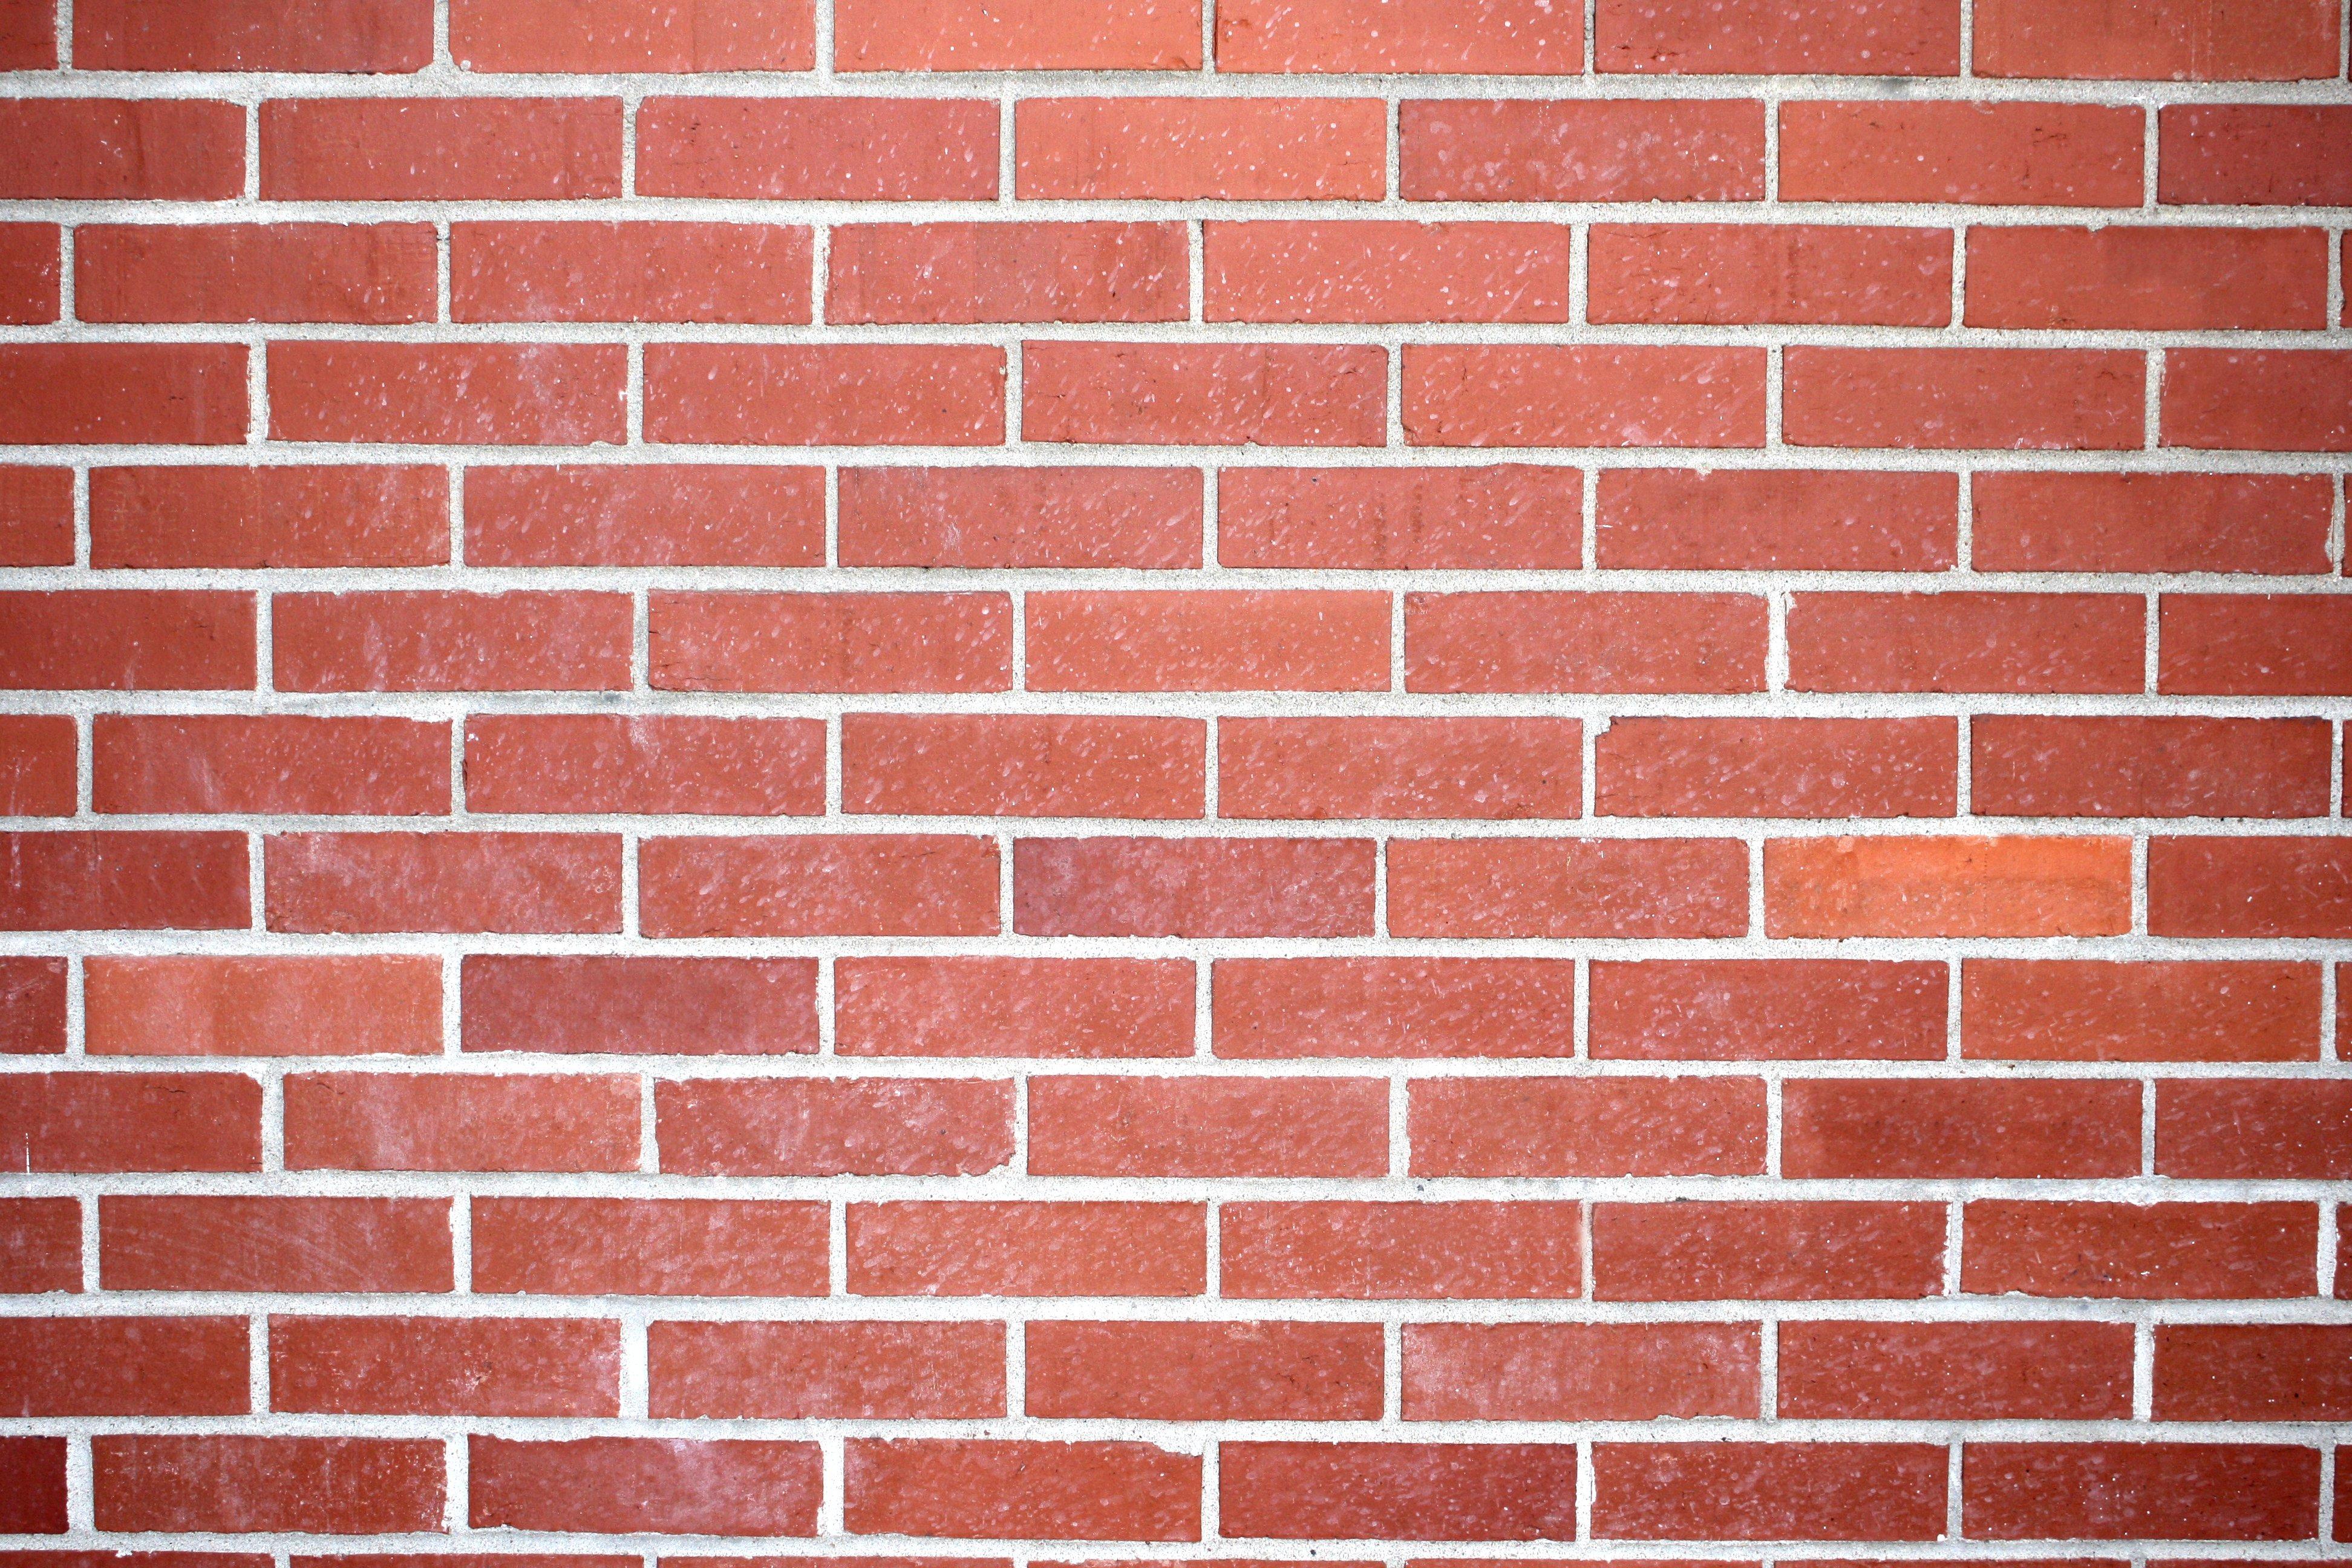 Brick-Google-Search-wallpaper-wpc9203210